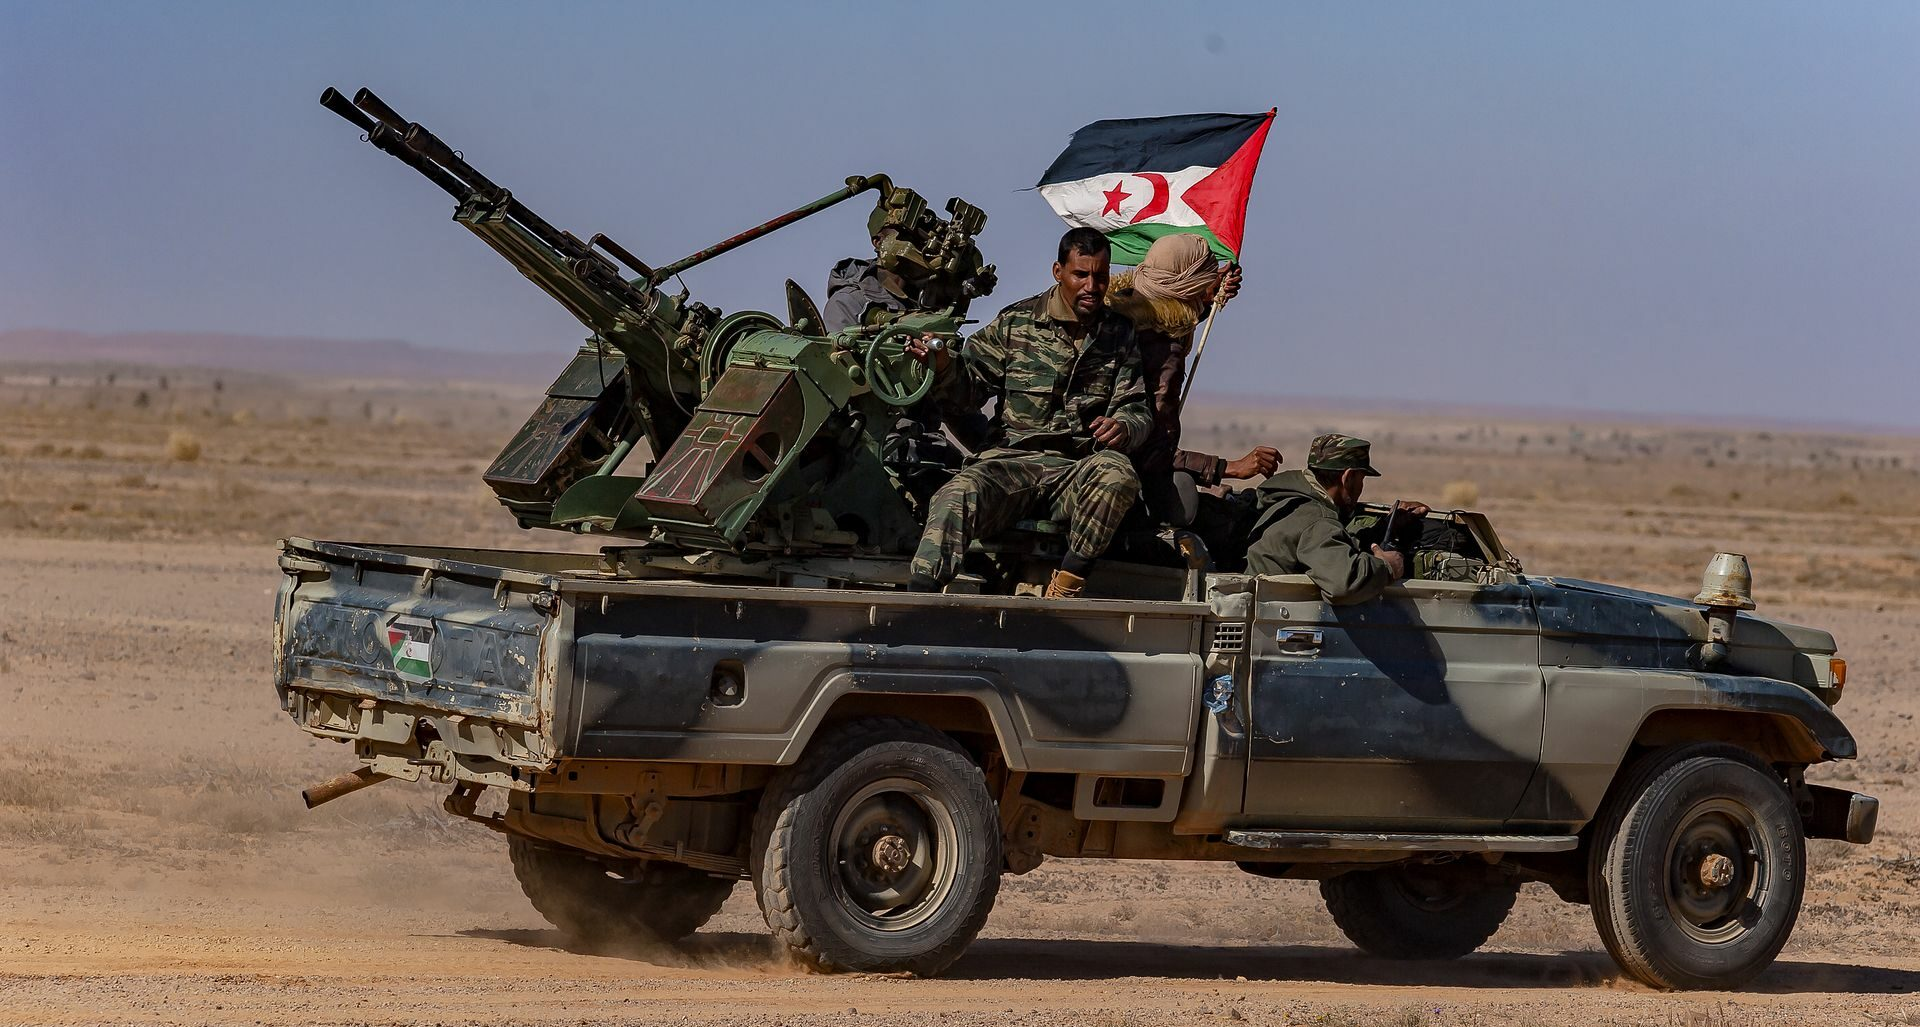 Agression militaire du Maroc dans le Sahara occidental